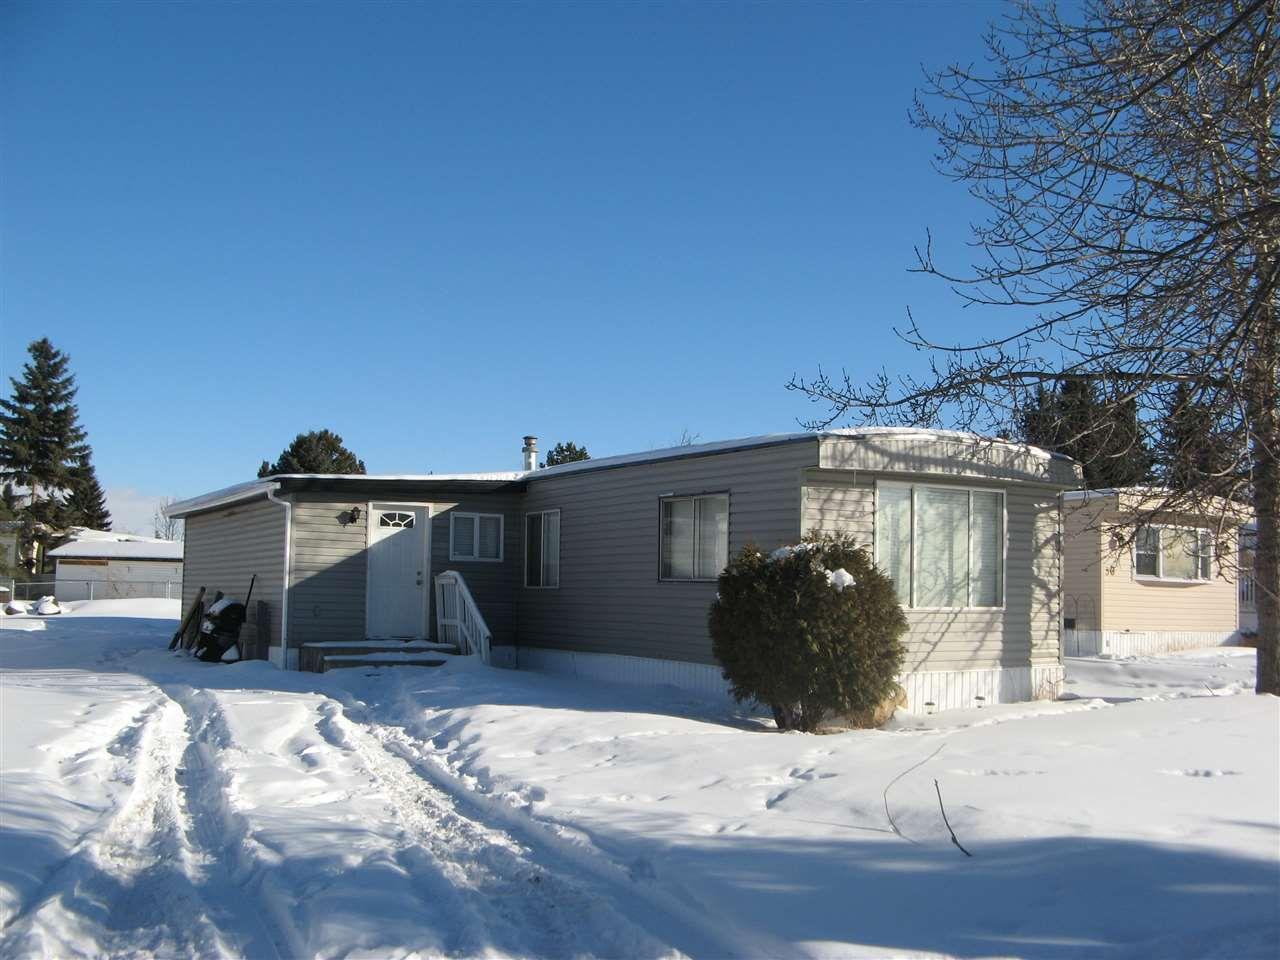 Main Photo: 35 Maple Ridge Dr Drive in Edmonton: Zone 42 Mobile for sale : MLS®# E4145853